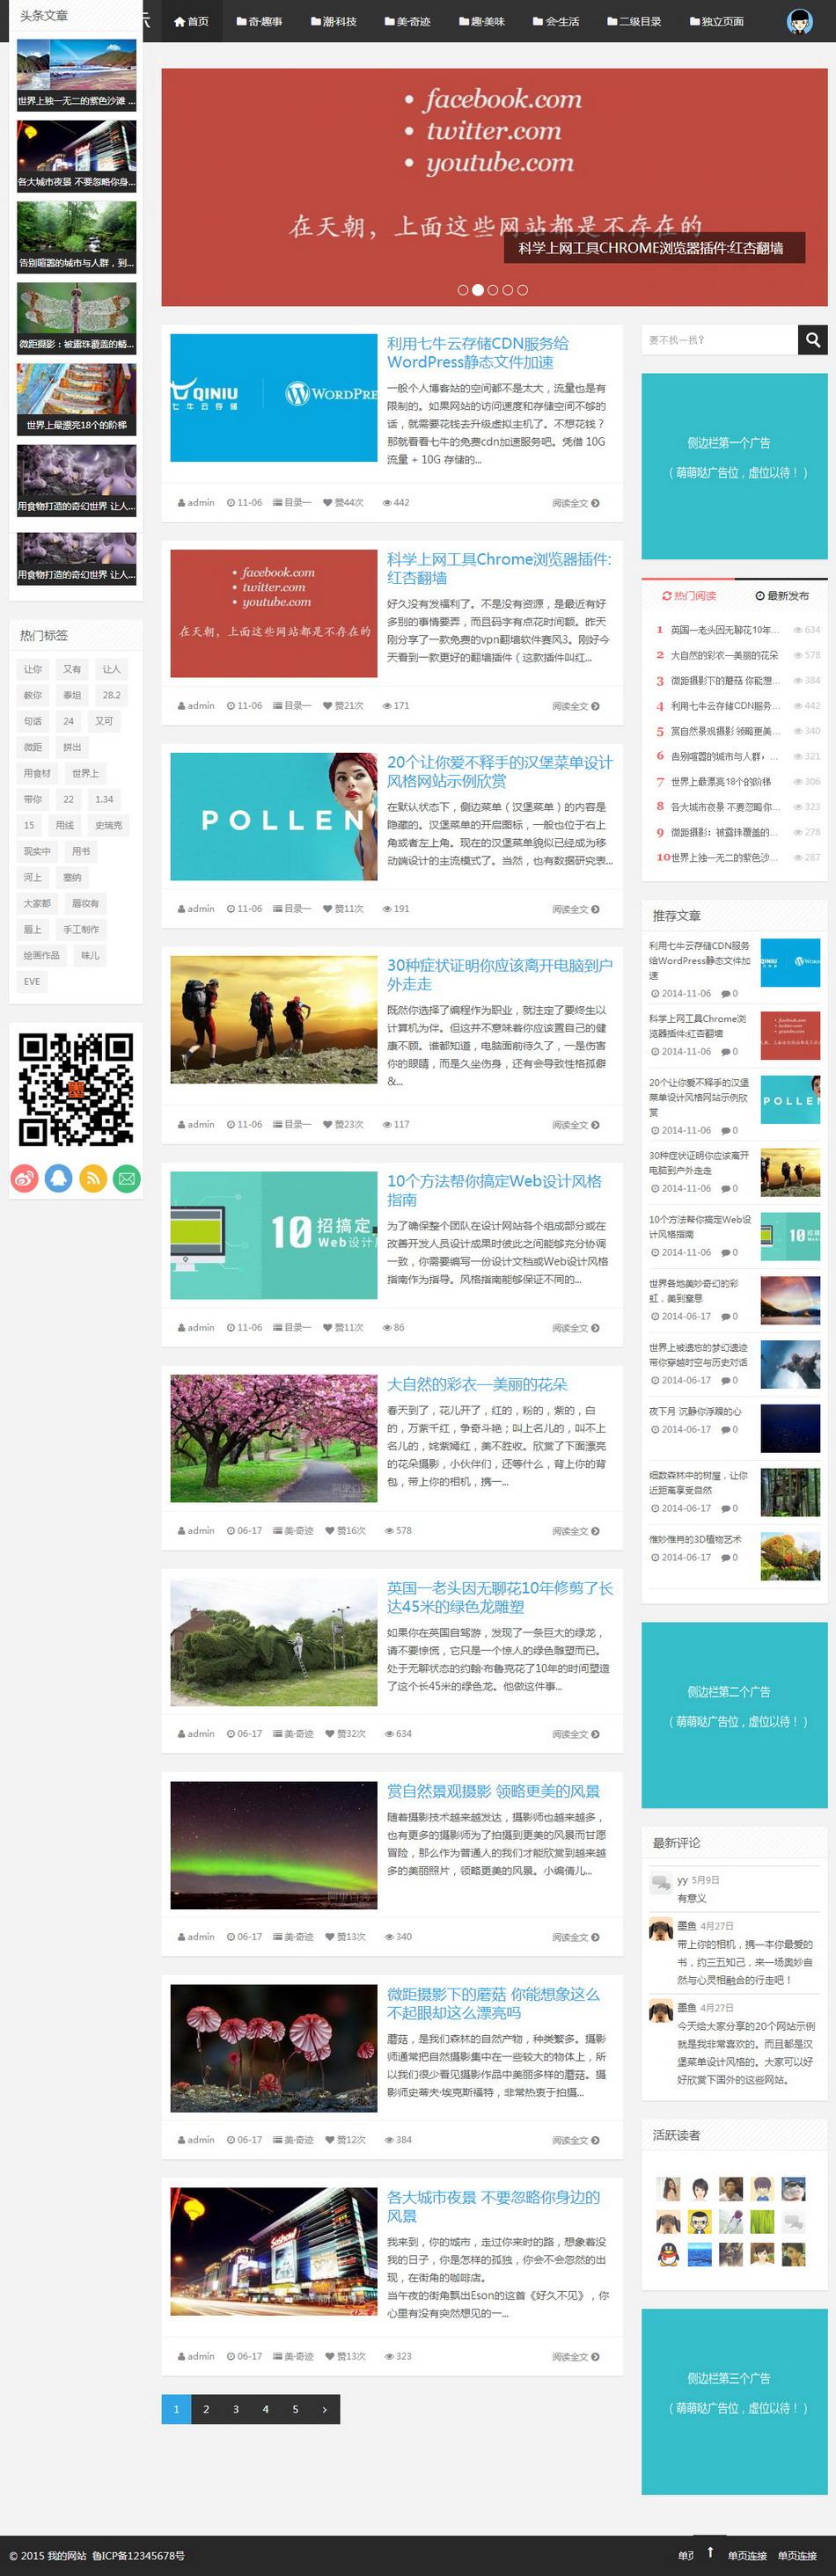 帝国CMS整站模板自适应HTML5响应式手机博客文章新闻资讯整洁大气